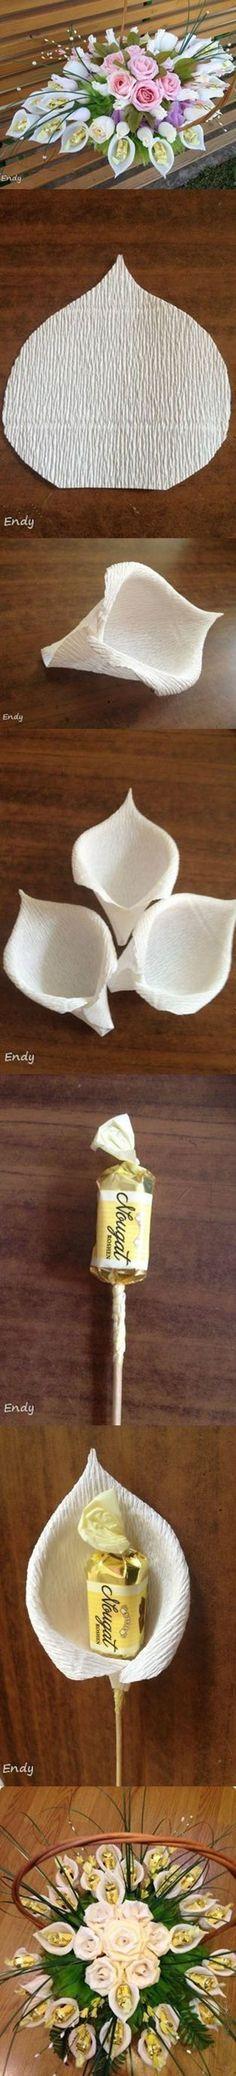 Flower bouquet tutorial    DIY & Crafts Tutorials